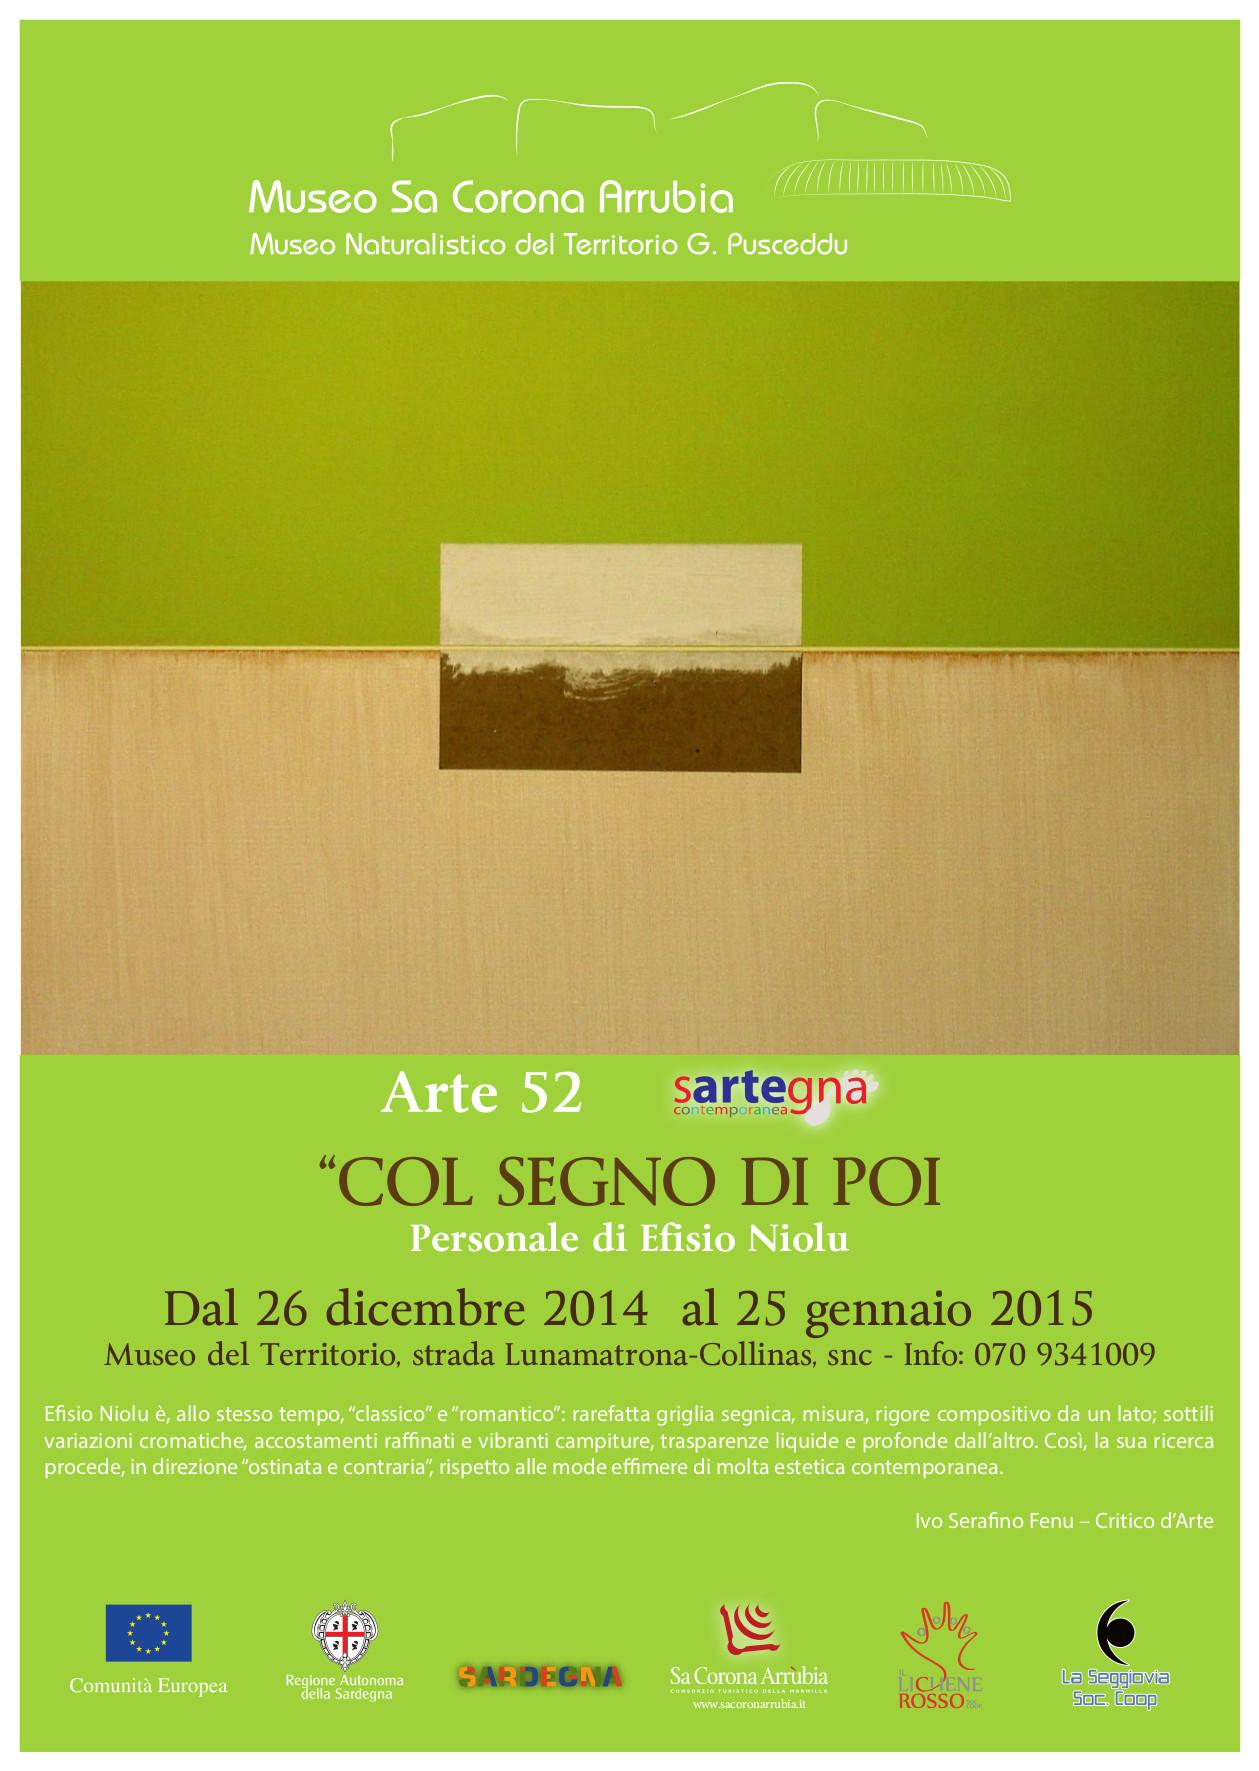 """Personale di Efisio Niolu """"COL SEGNO DI POI"""" visitabile fino al 25 gennaio 2015 presso il Museo Naturalistico del Territorio """"G. Pusceddu""""."""